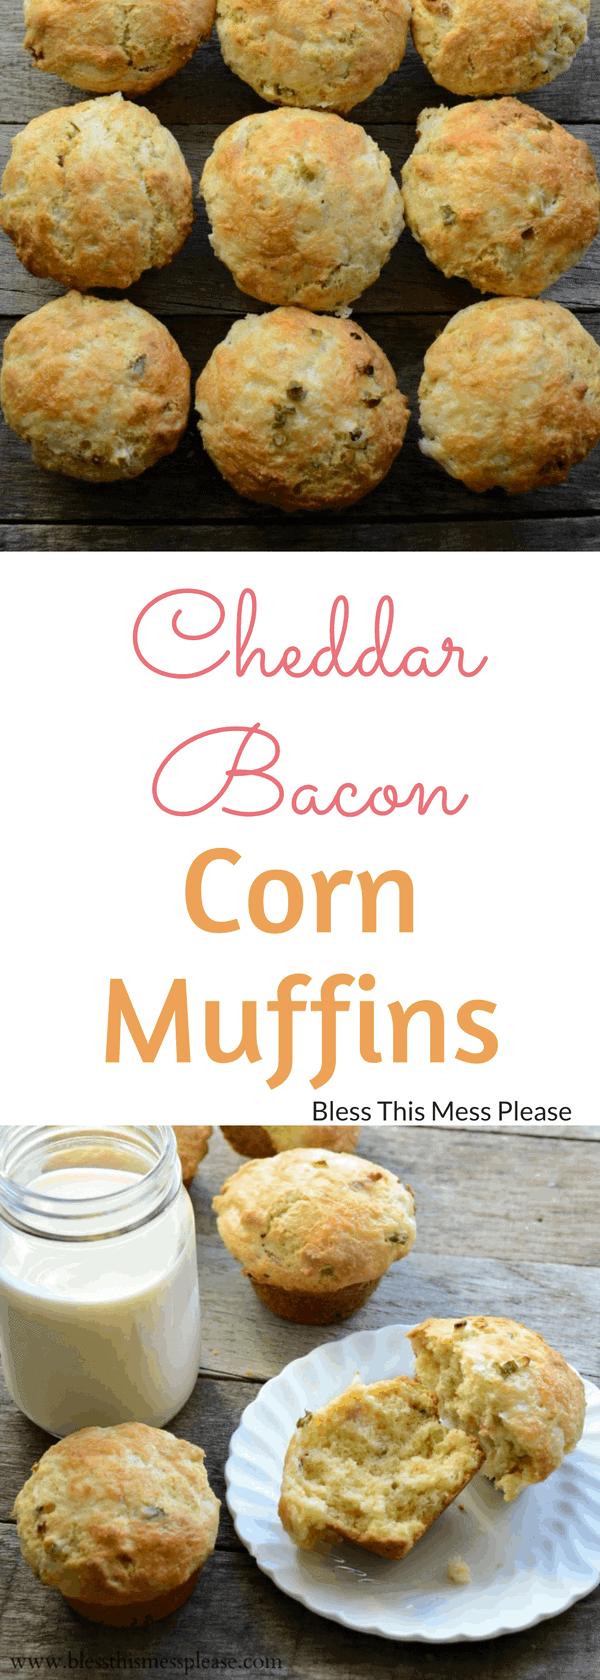 Cheddar Bacon Corn Muffins